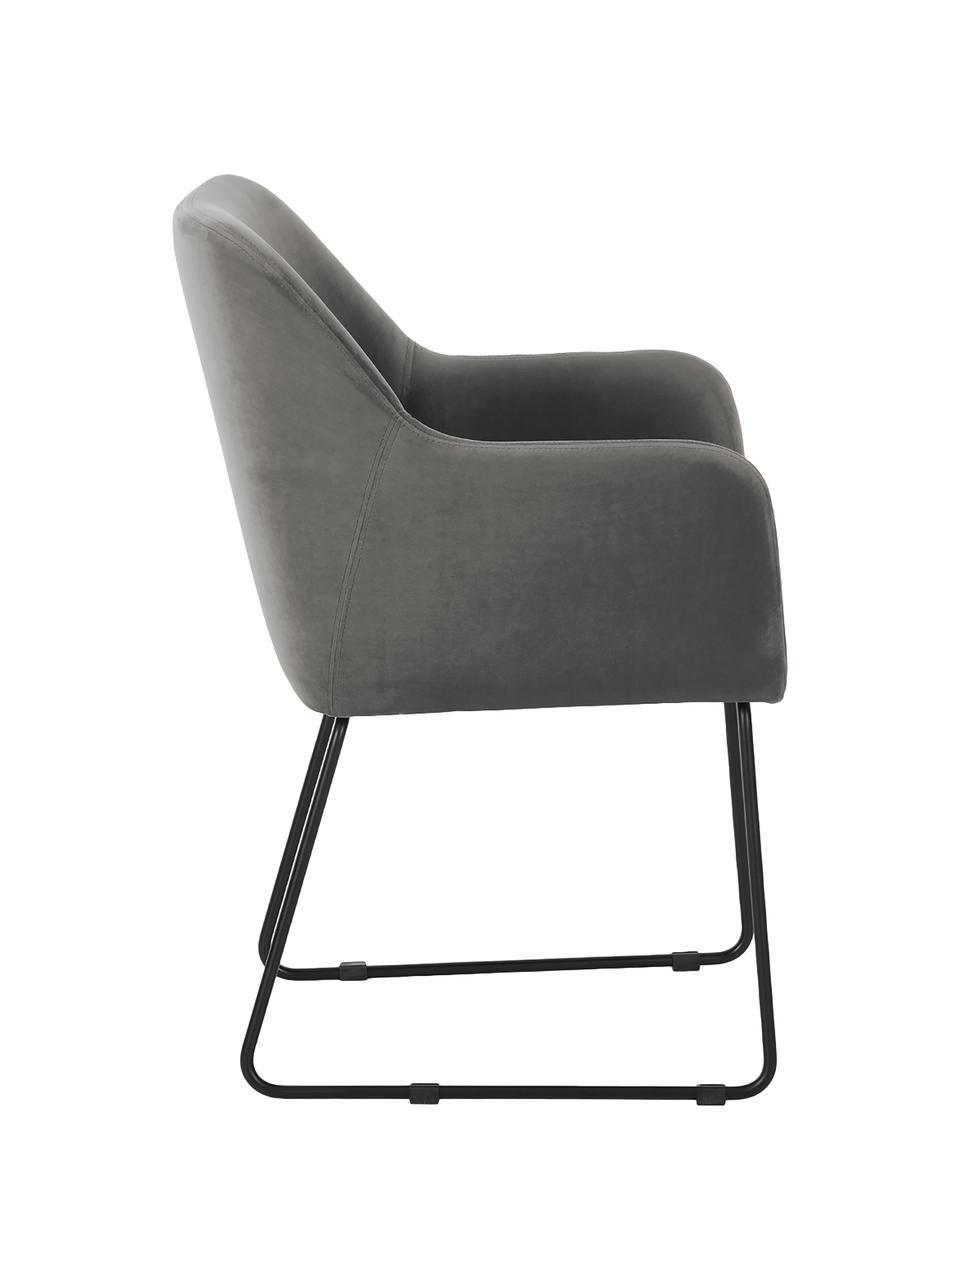 Chaise velours rembourré moderne Isla, Velours gris pierre, pieds noir